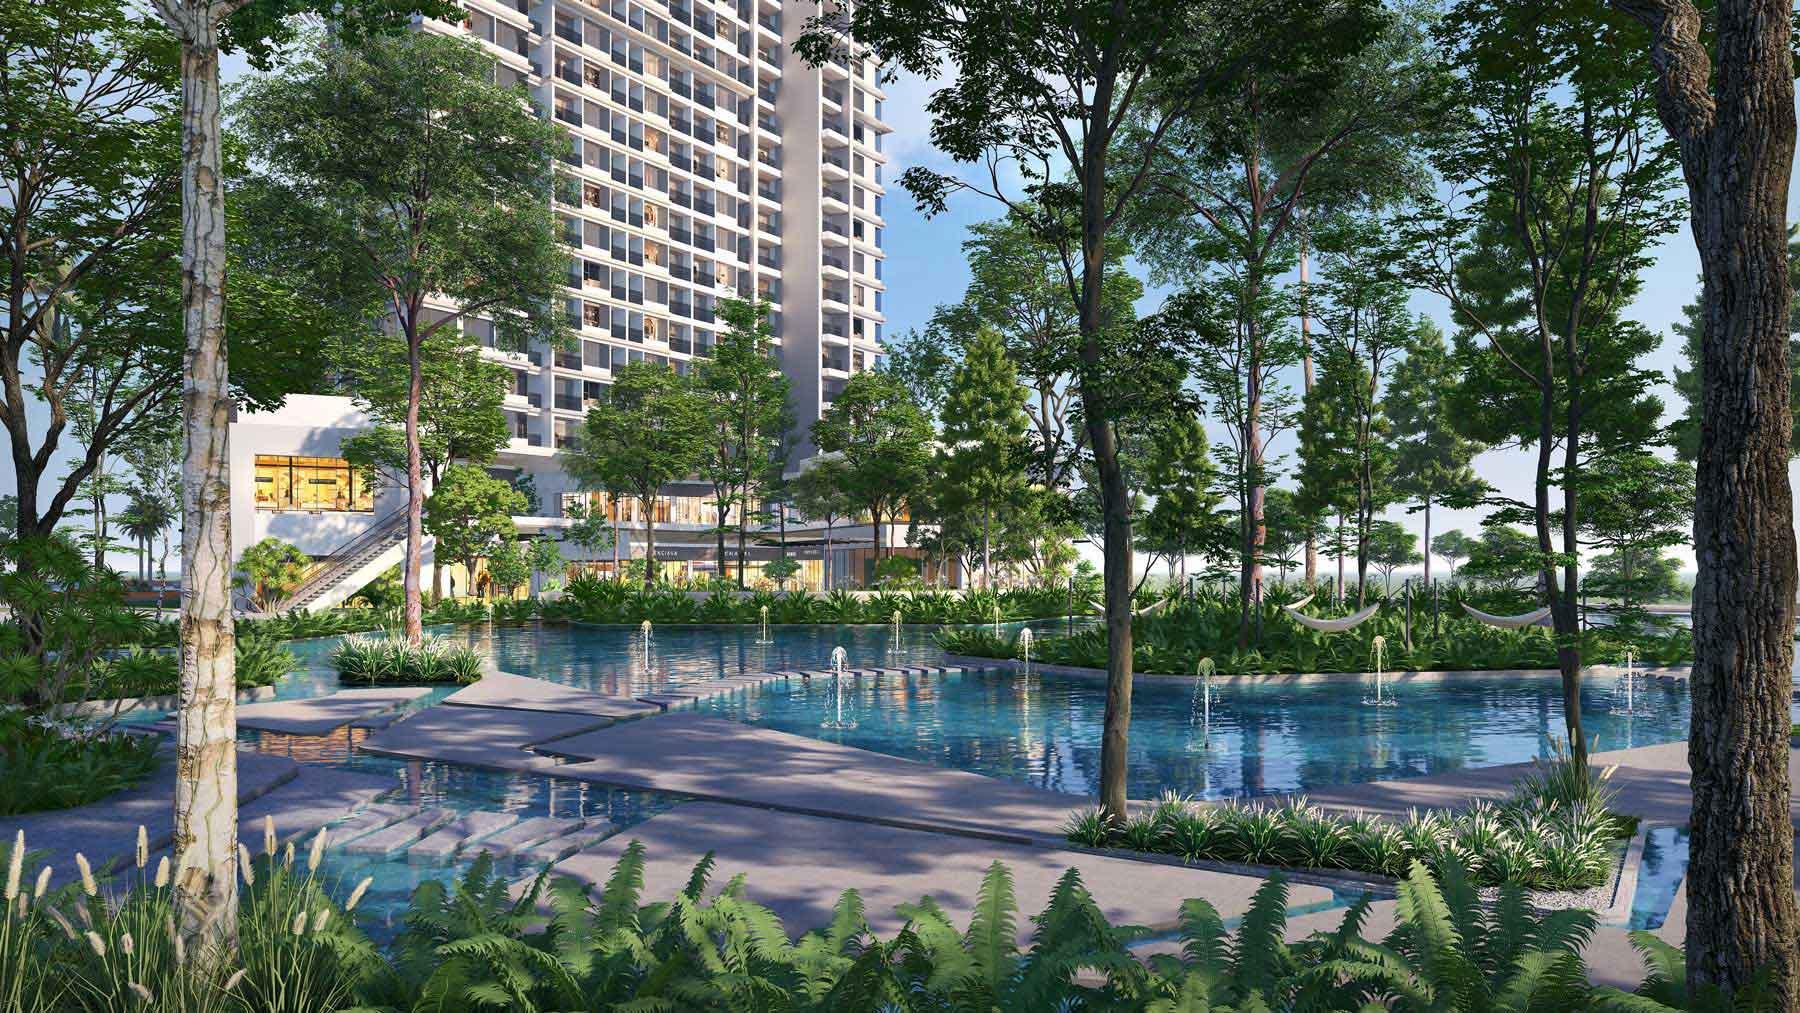 Chung cư Haven Park - giá nhà tại Ecopark